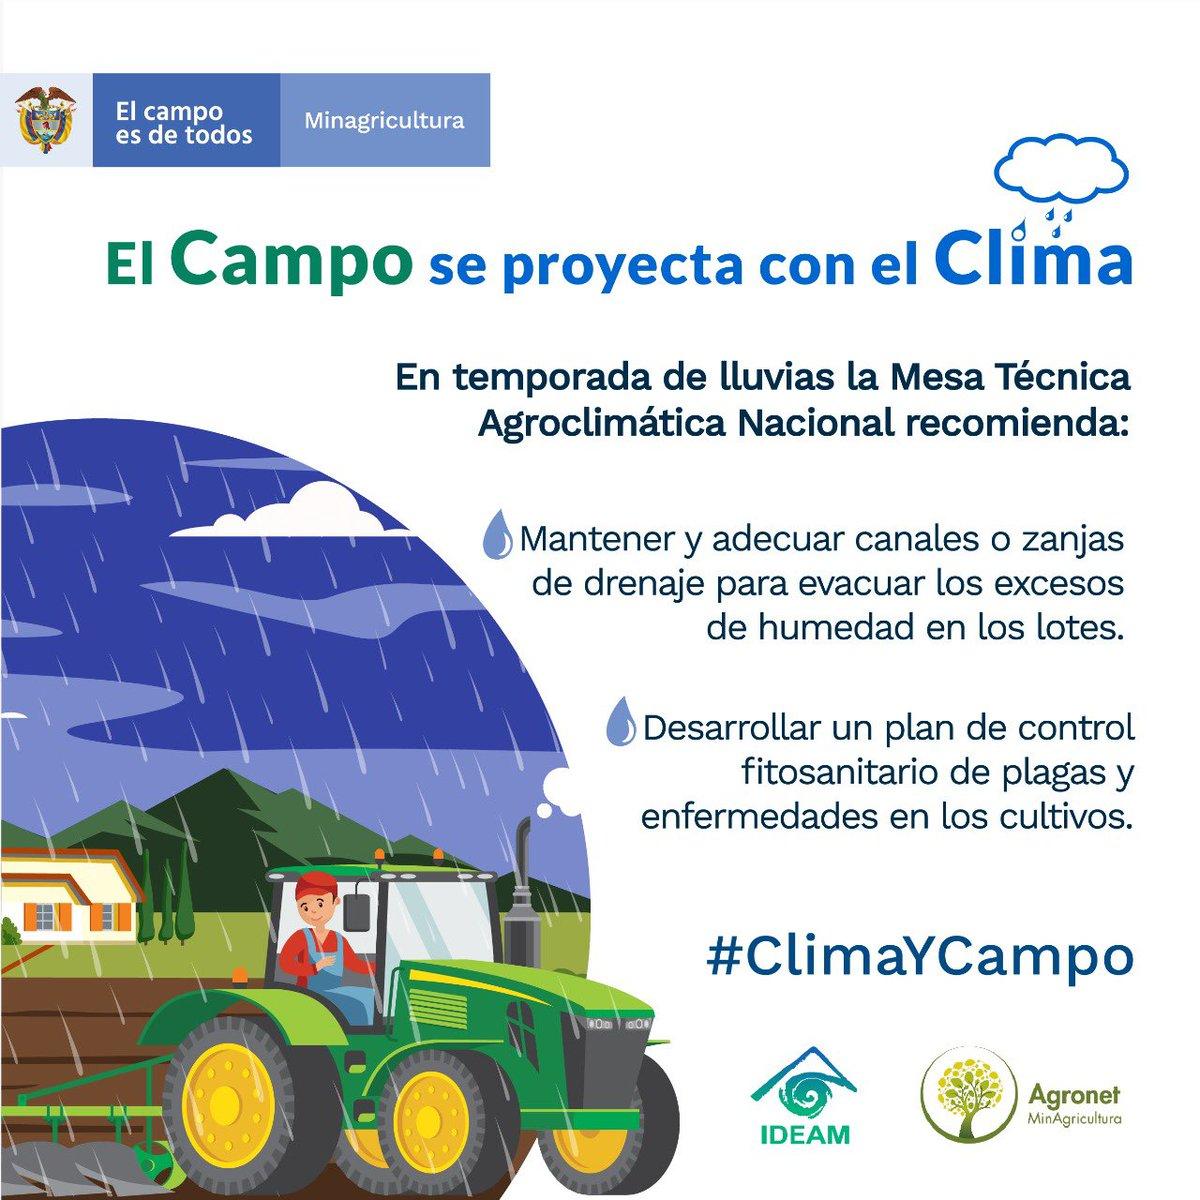 En #TemporadaDeLluvias invitamos a los productores a consultar las recomendaciones de las Mesas Técnicas Agroclimáticas en el Boletín Agroclimático Nacional y los Boletines Agroclimáticos Regionales.   https://t.co/61DYQpuHbH    https://t.co/YKjfkqCi0o  #ClimayCampo https://t.co/LAr8CpPTpF